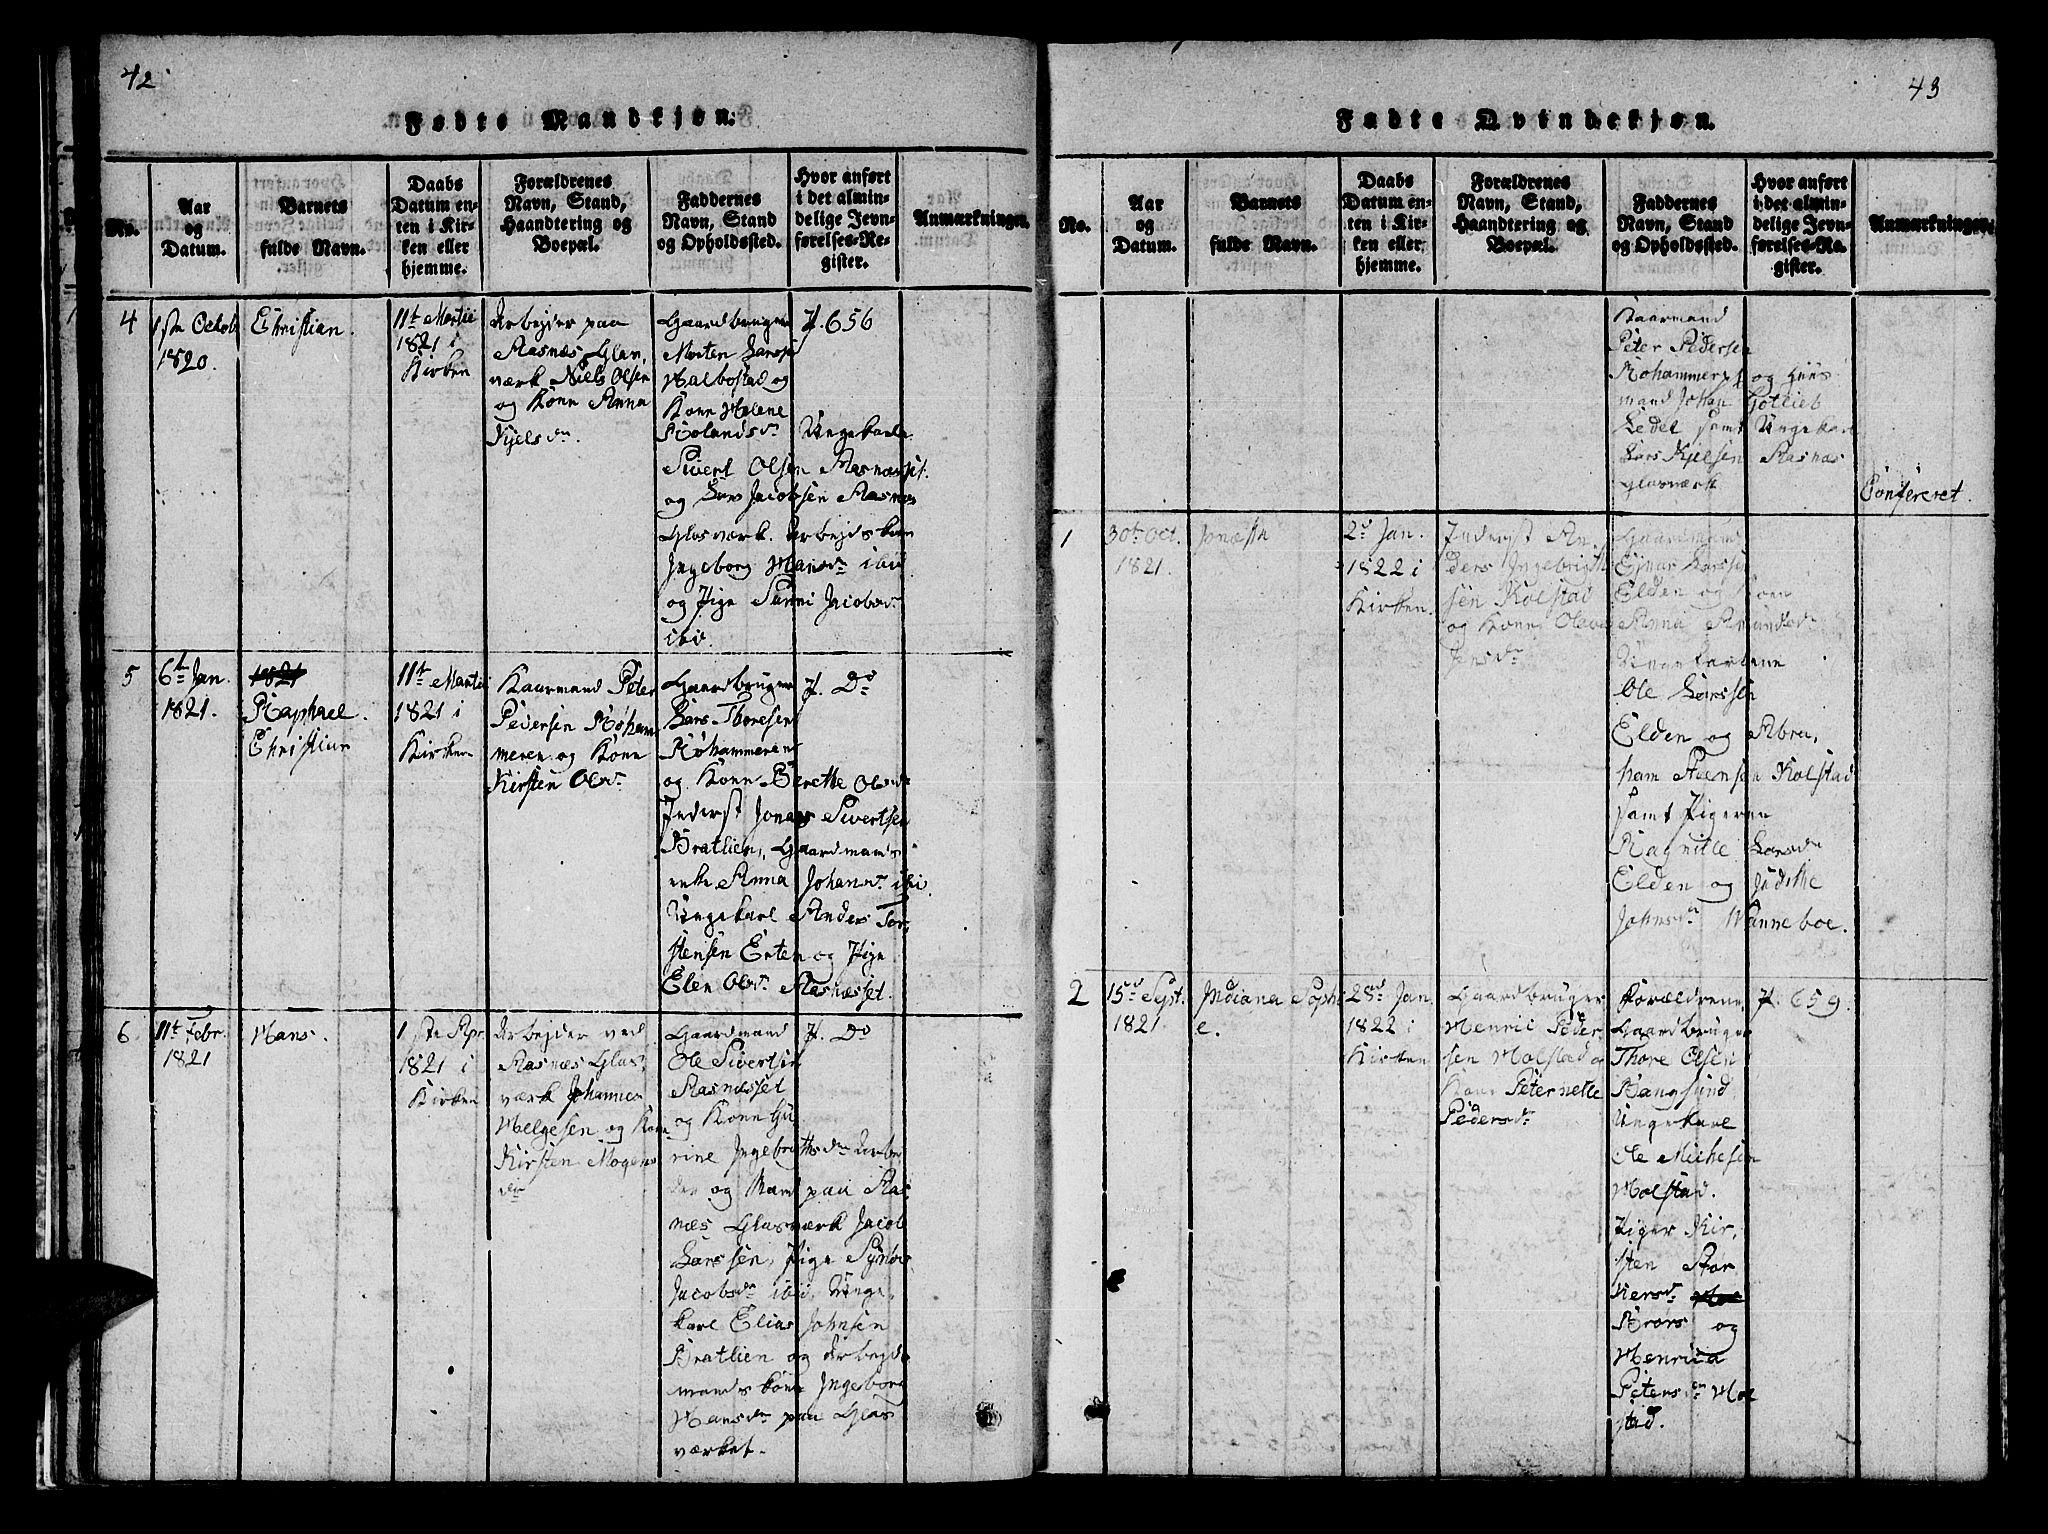 SAT, Ministerialprotokoller, klokkerbøker og fødselsregistre - Nord-Trøndelag, 742/L0411: Klokkerbok nr. 742C02, 1817-1825, s. 42-43